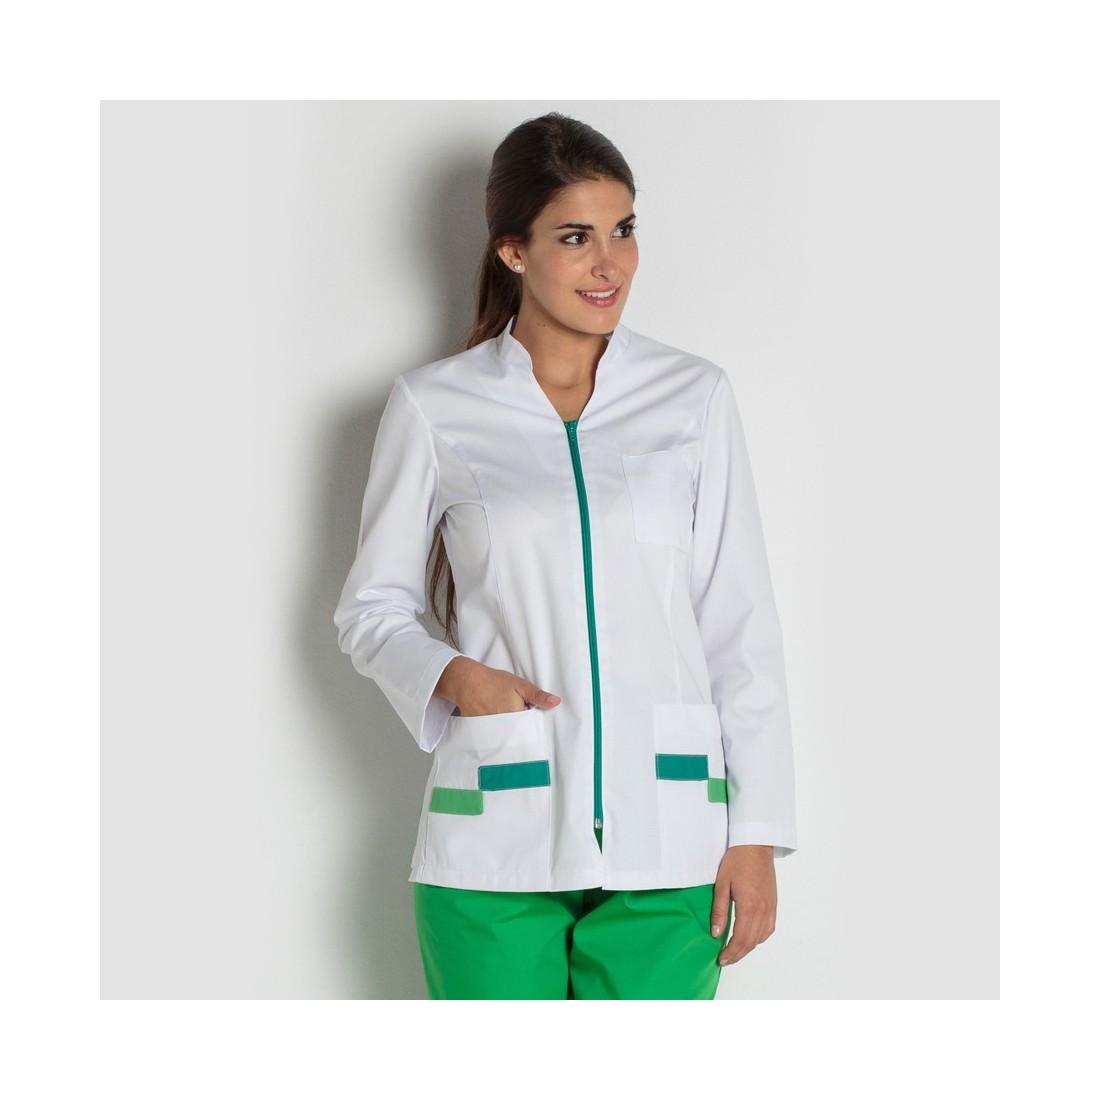 Chaqueta sanitaria blanca y verde con cremallera